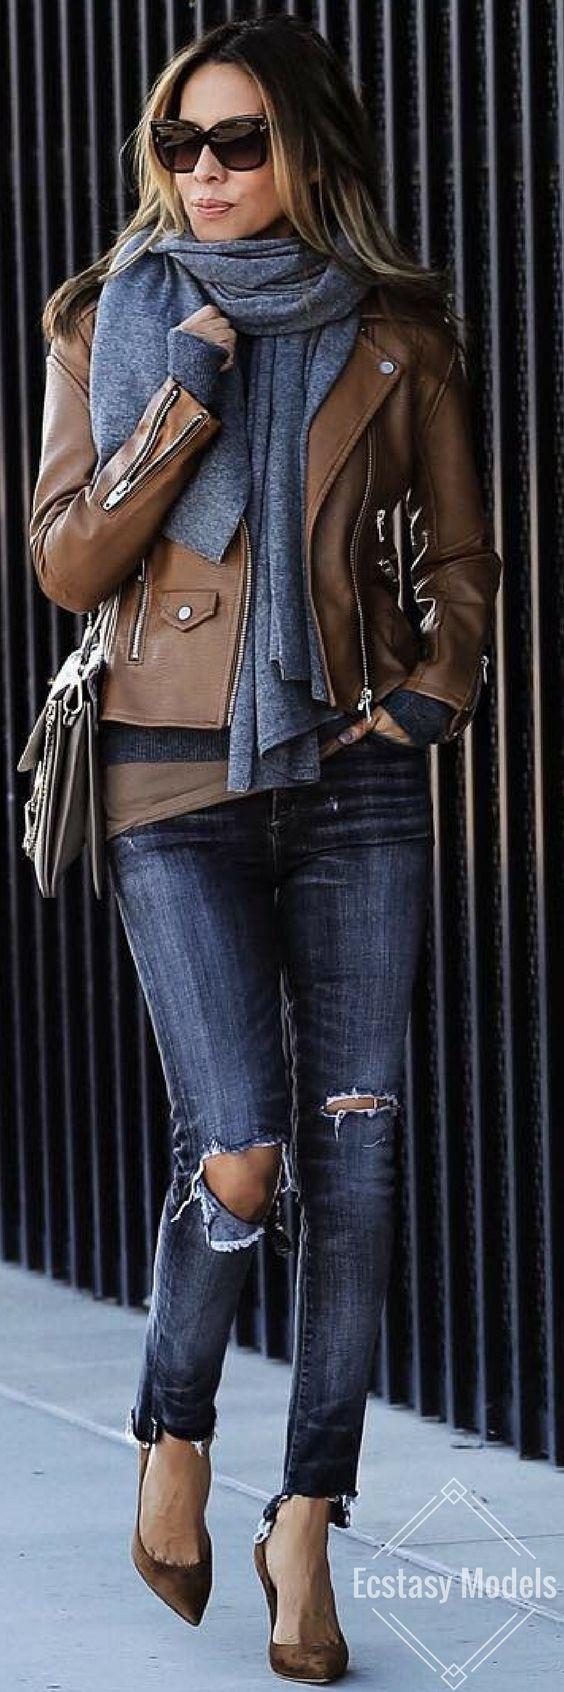 La mujer lleva una bufanda gris. La bufanda cuesta cuarenta euros . Ella también lleva puesta una chaqueta marrón. La chaqueta cuesta once dólares. Finalmente, ella lleva pantalones vaqueros con tacones marrones. Los pantalones vaqueros también cuestan once dólares y los tacones cuestan cuarenta.: